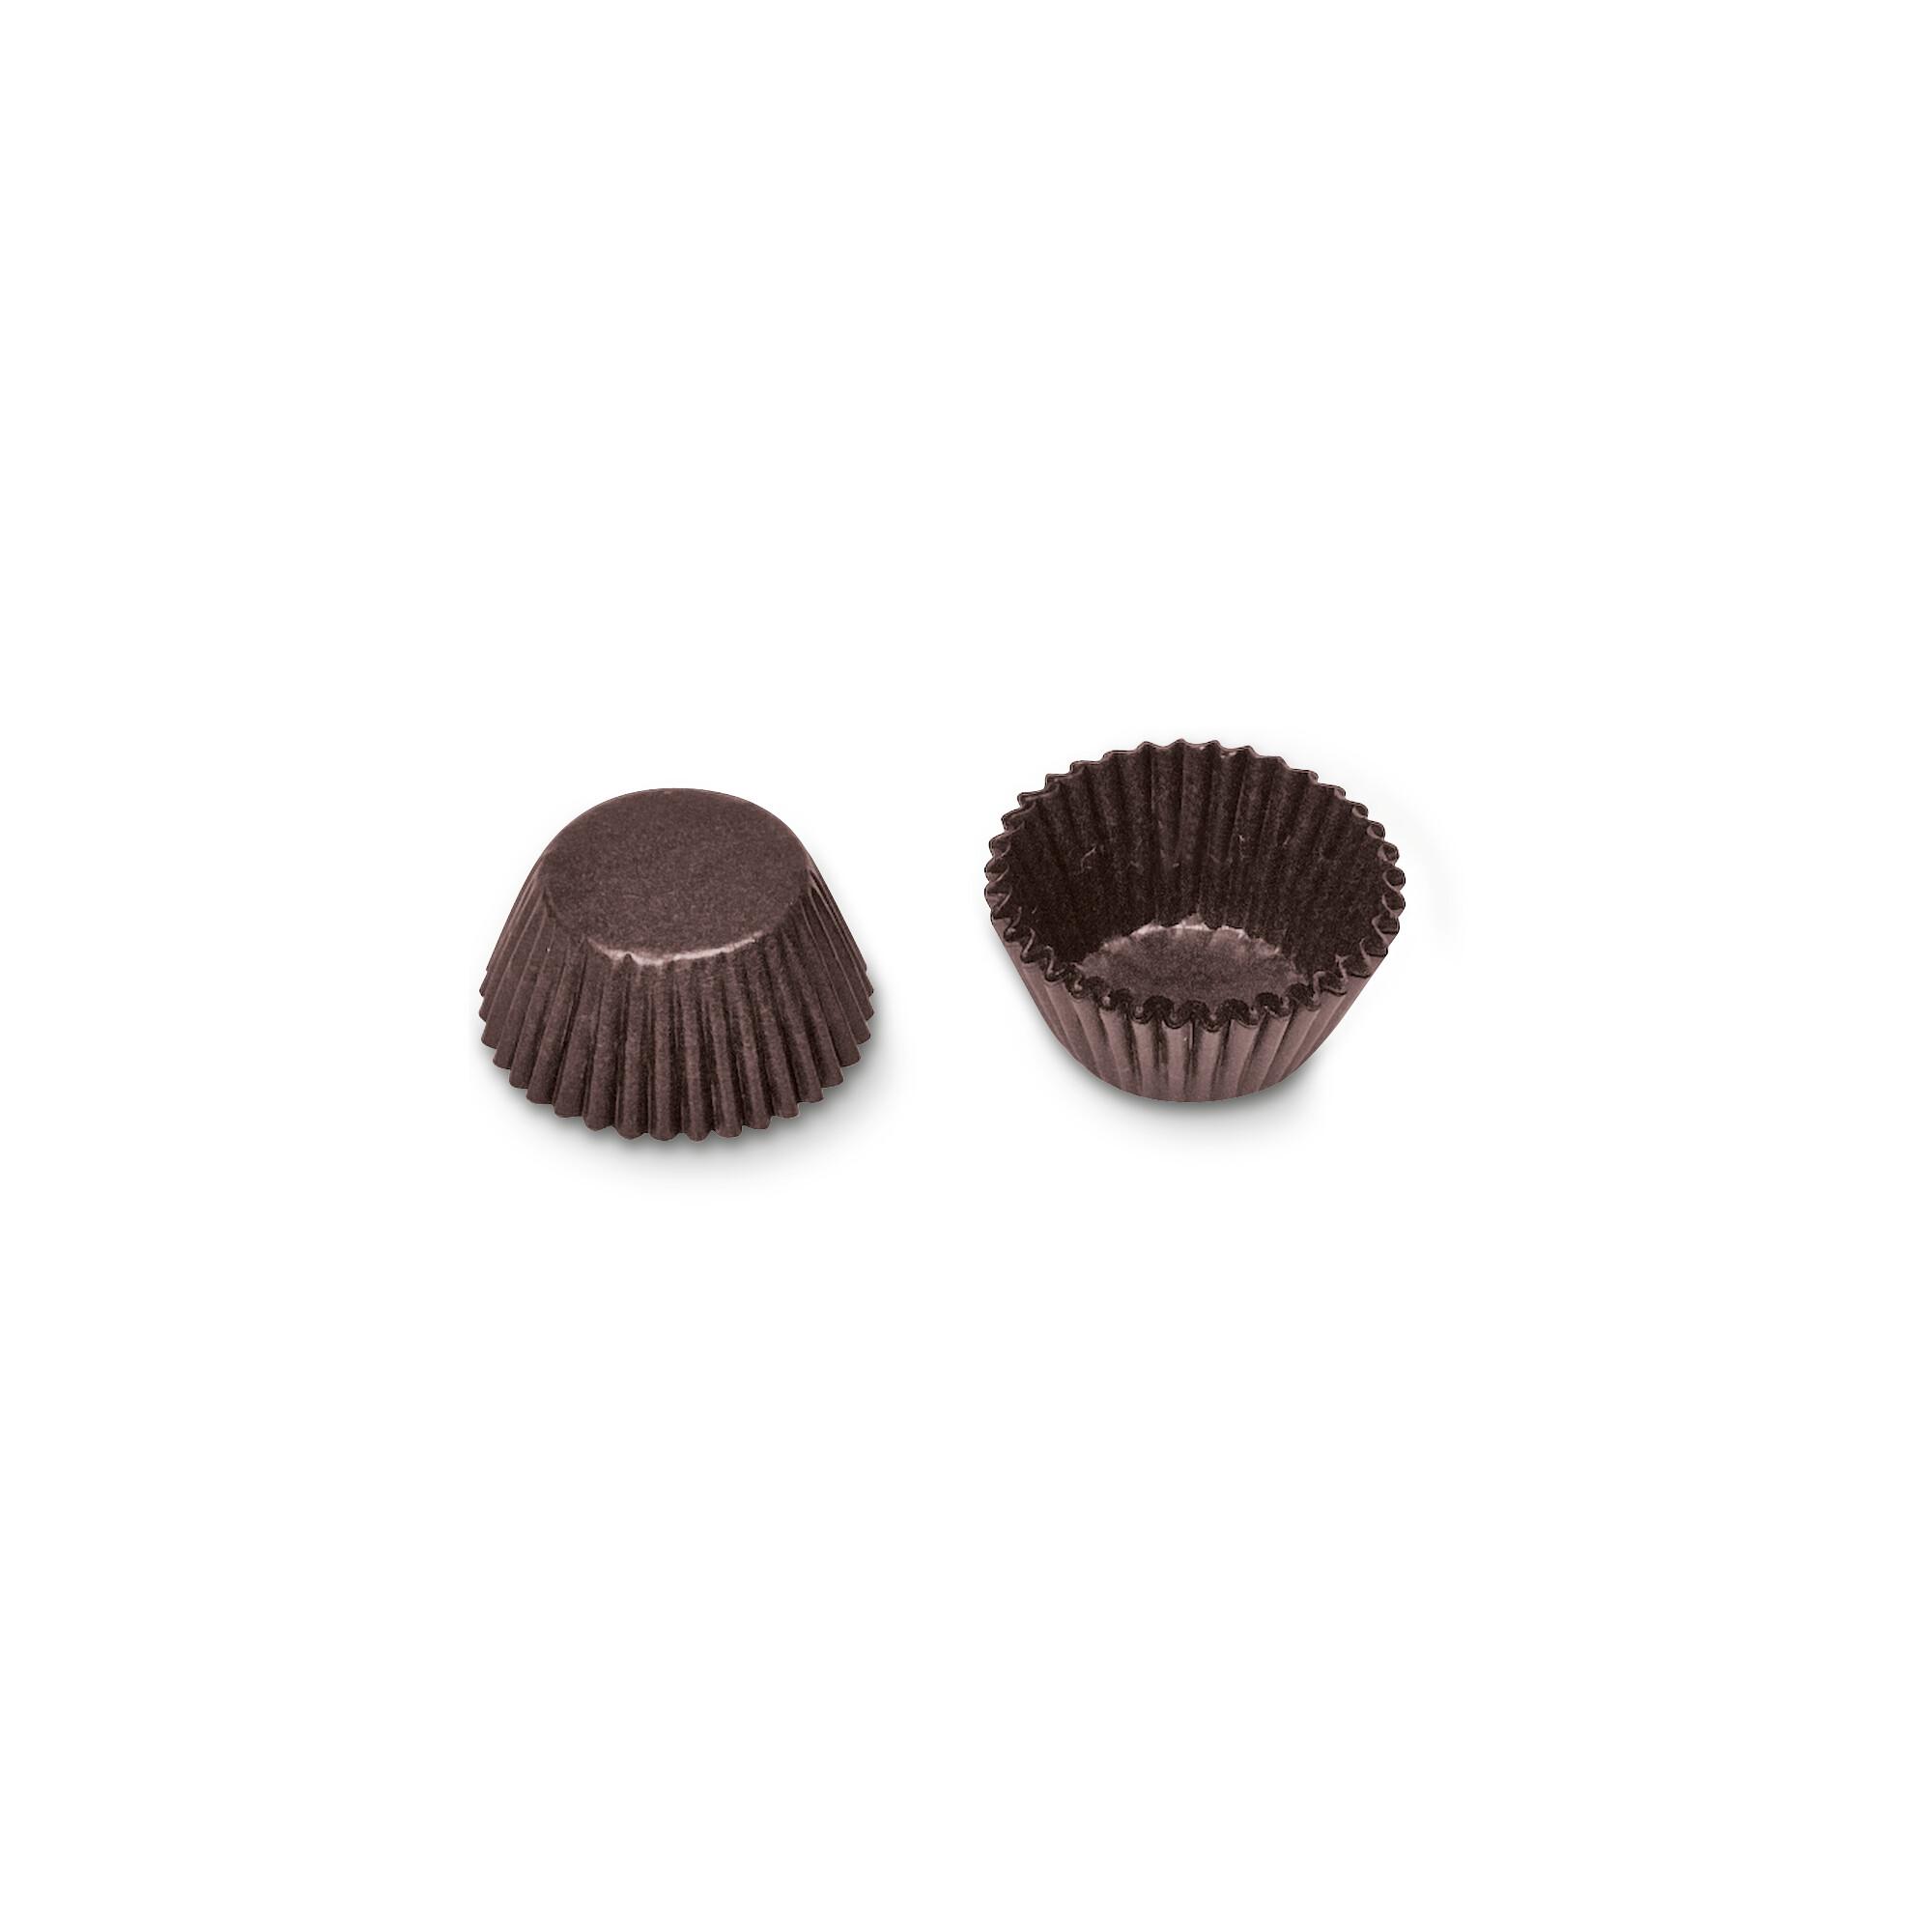 Papier-Backförmchen - Braun - für Muffin-Konfekt - 100 Stück